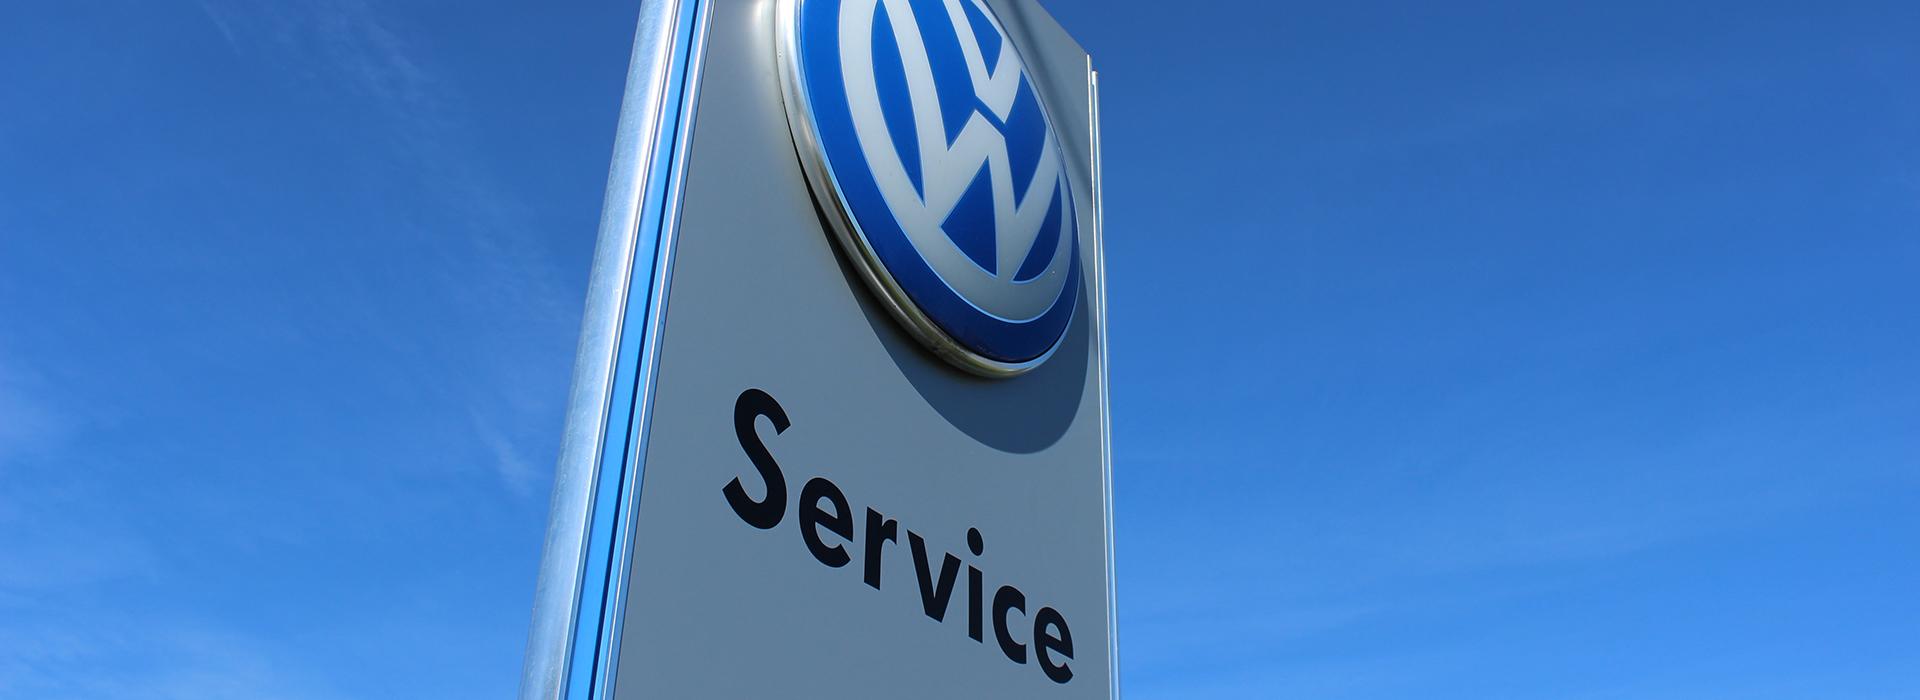 Grioni Domenico - nuovo e usato Volkswagen a Rivolta d'Adda - Cremona